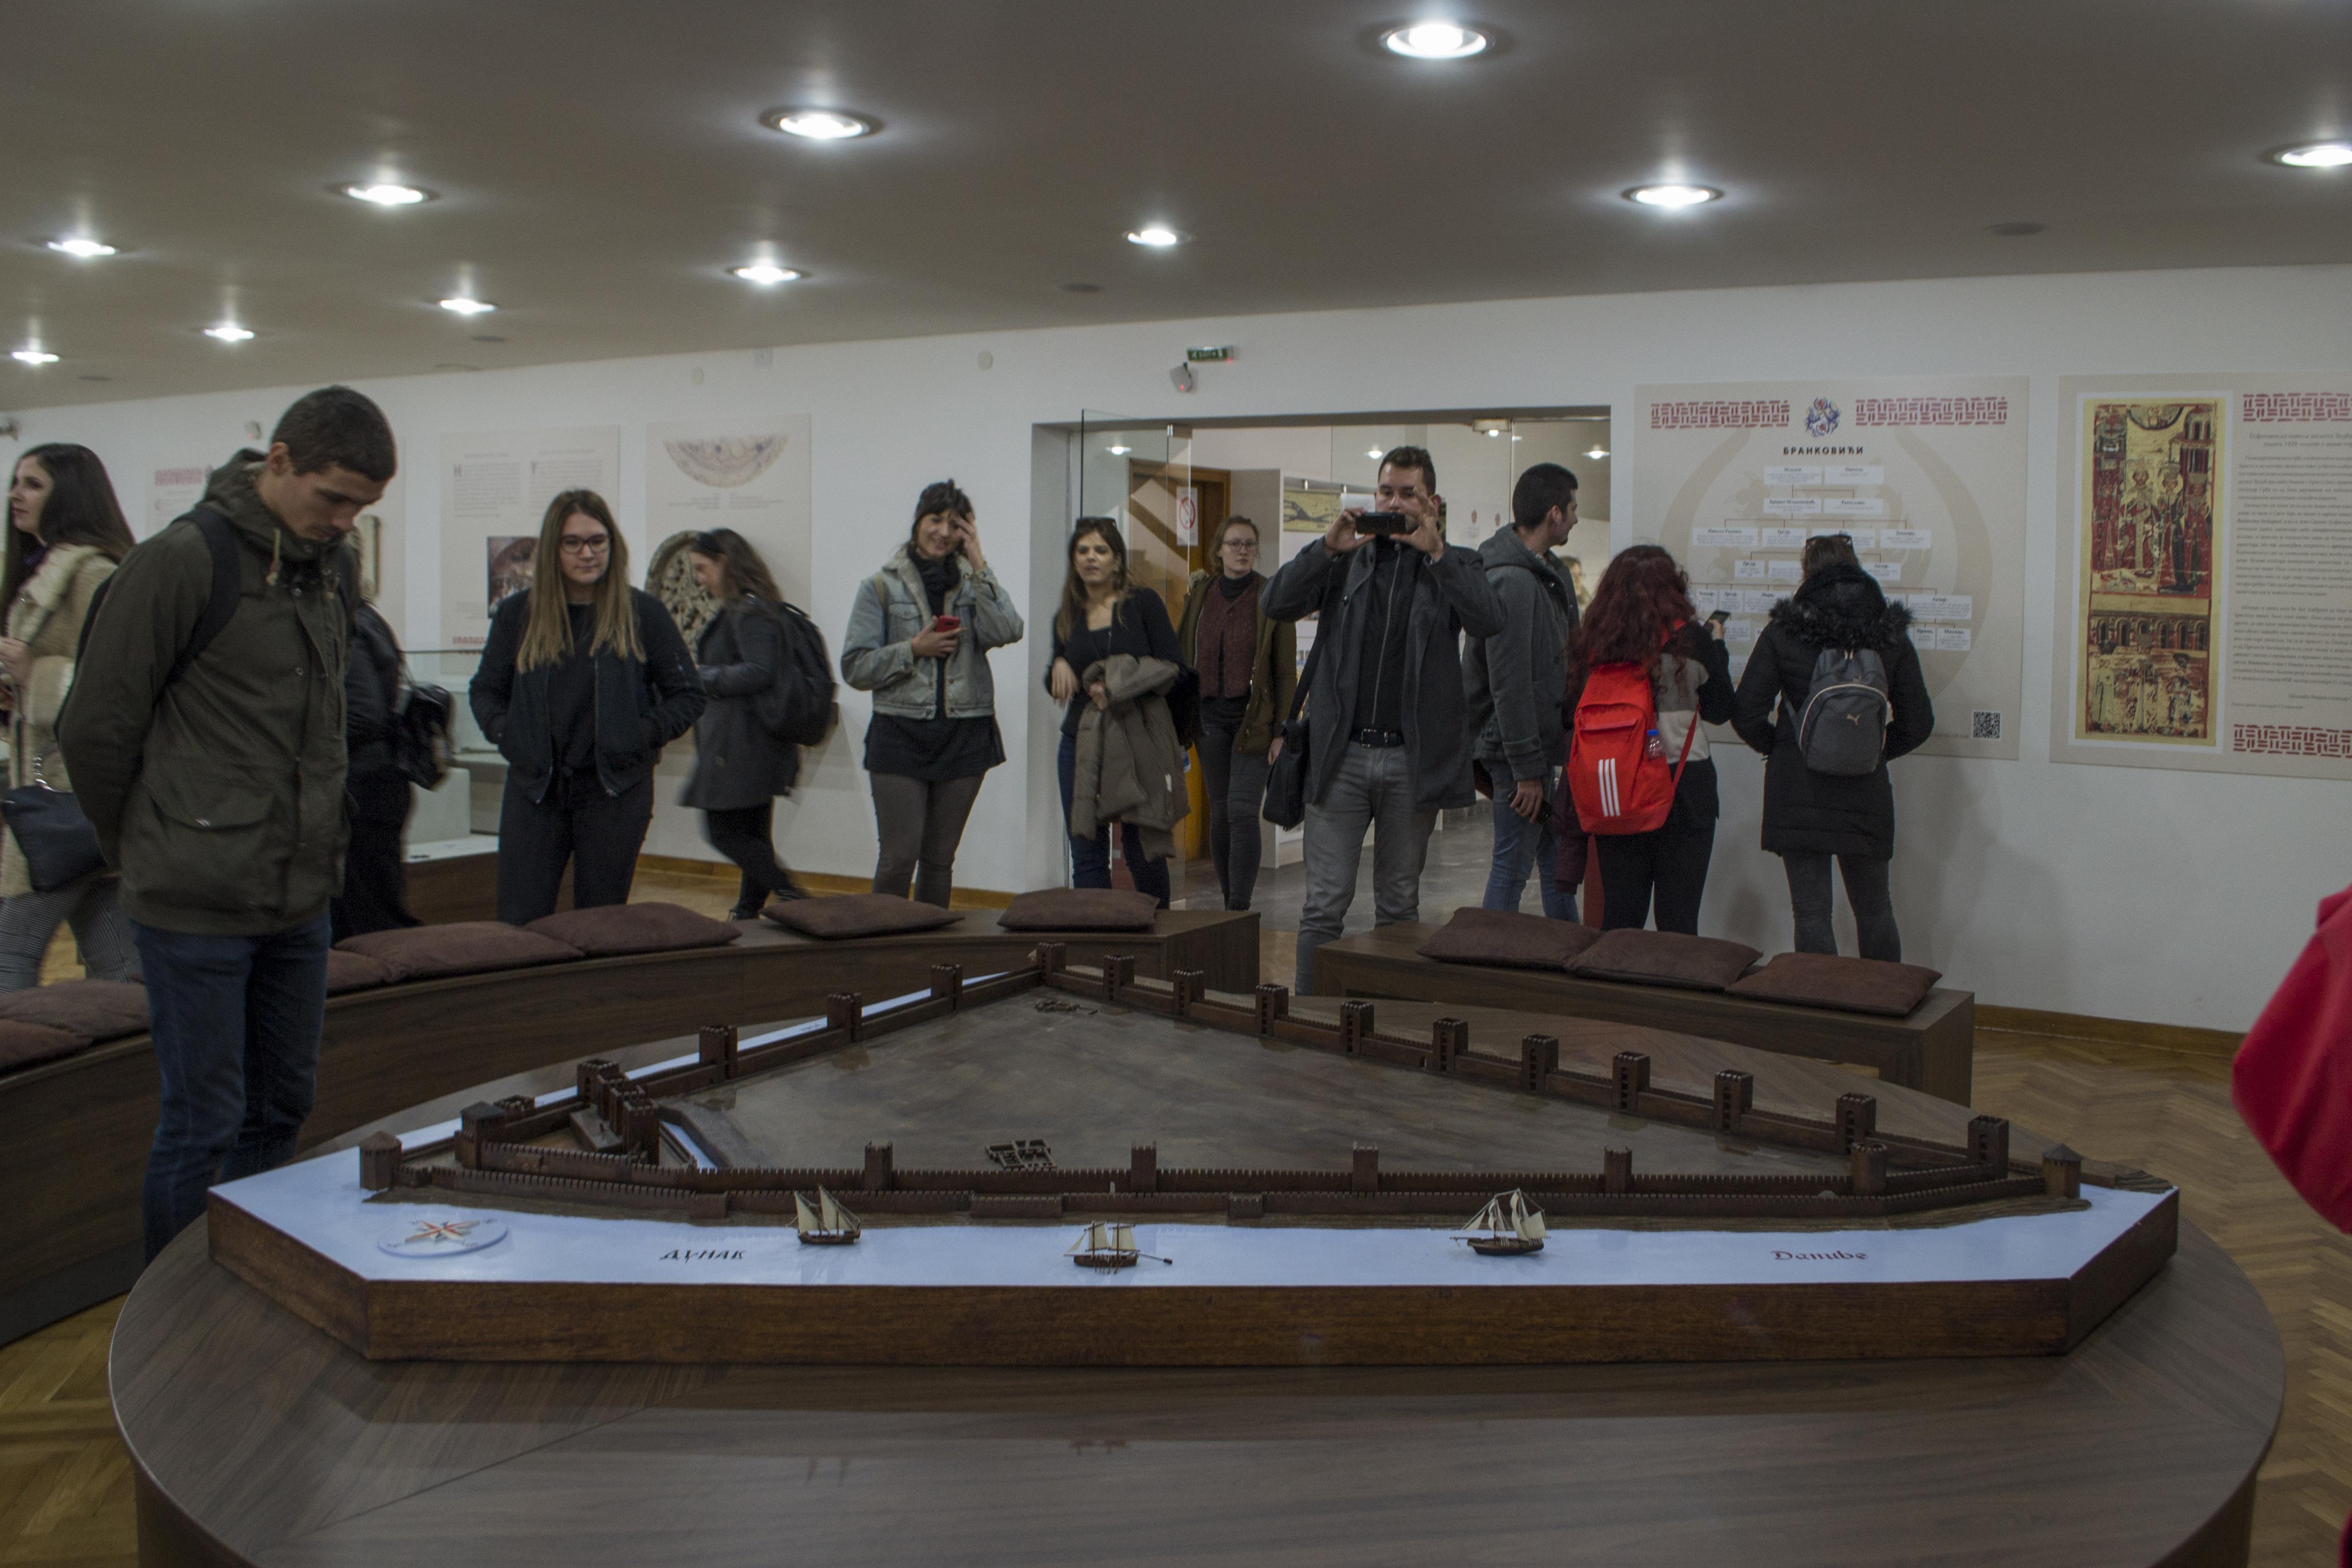 03_Obilazak Muzeja u Smederevu